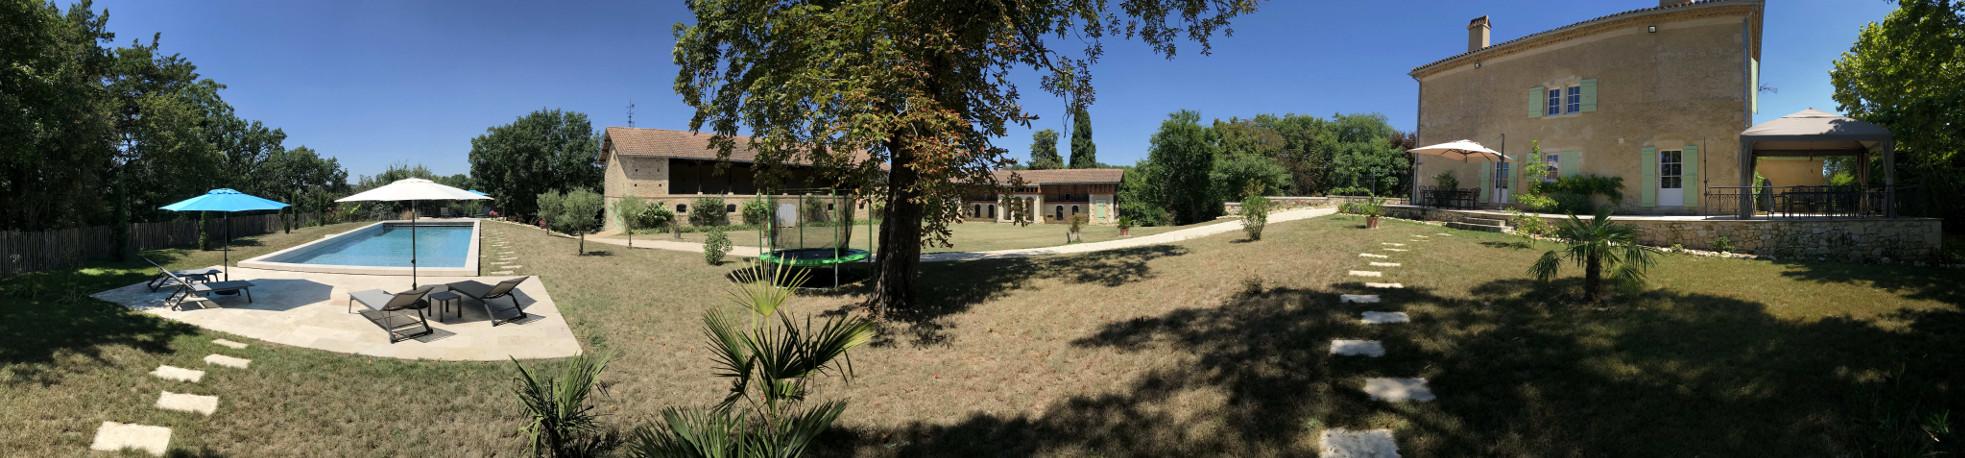 Parc et piscine derrière la maison du Domaine de Lajean